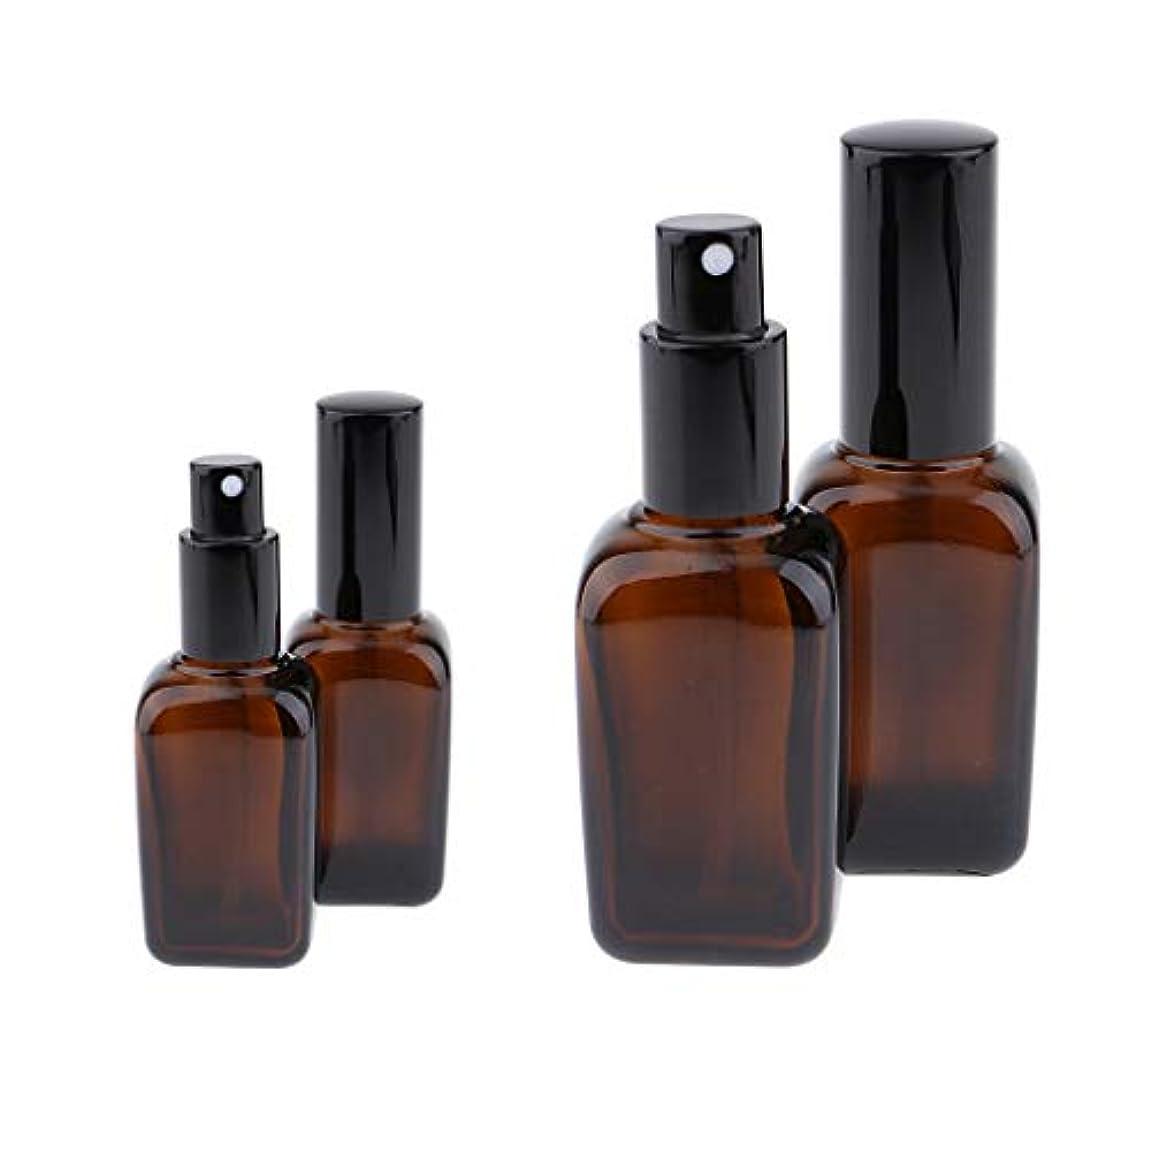 家禽宝クラックDYNWAVE 4個セット スプレーボトル スポイト瓶 遮光瓶 ガラス製 精油瓶 詰め替え アロマ保存容器 小分け用